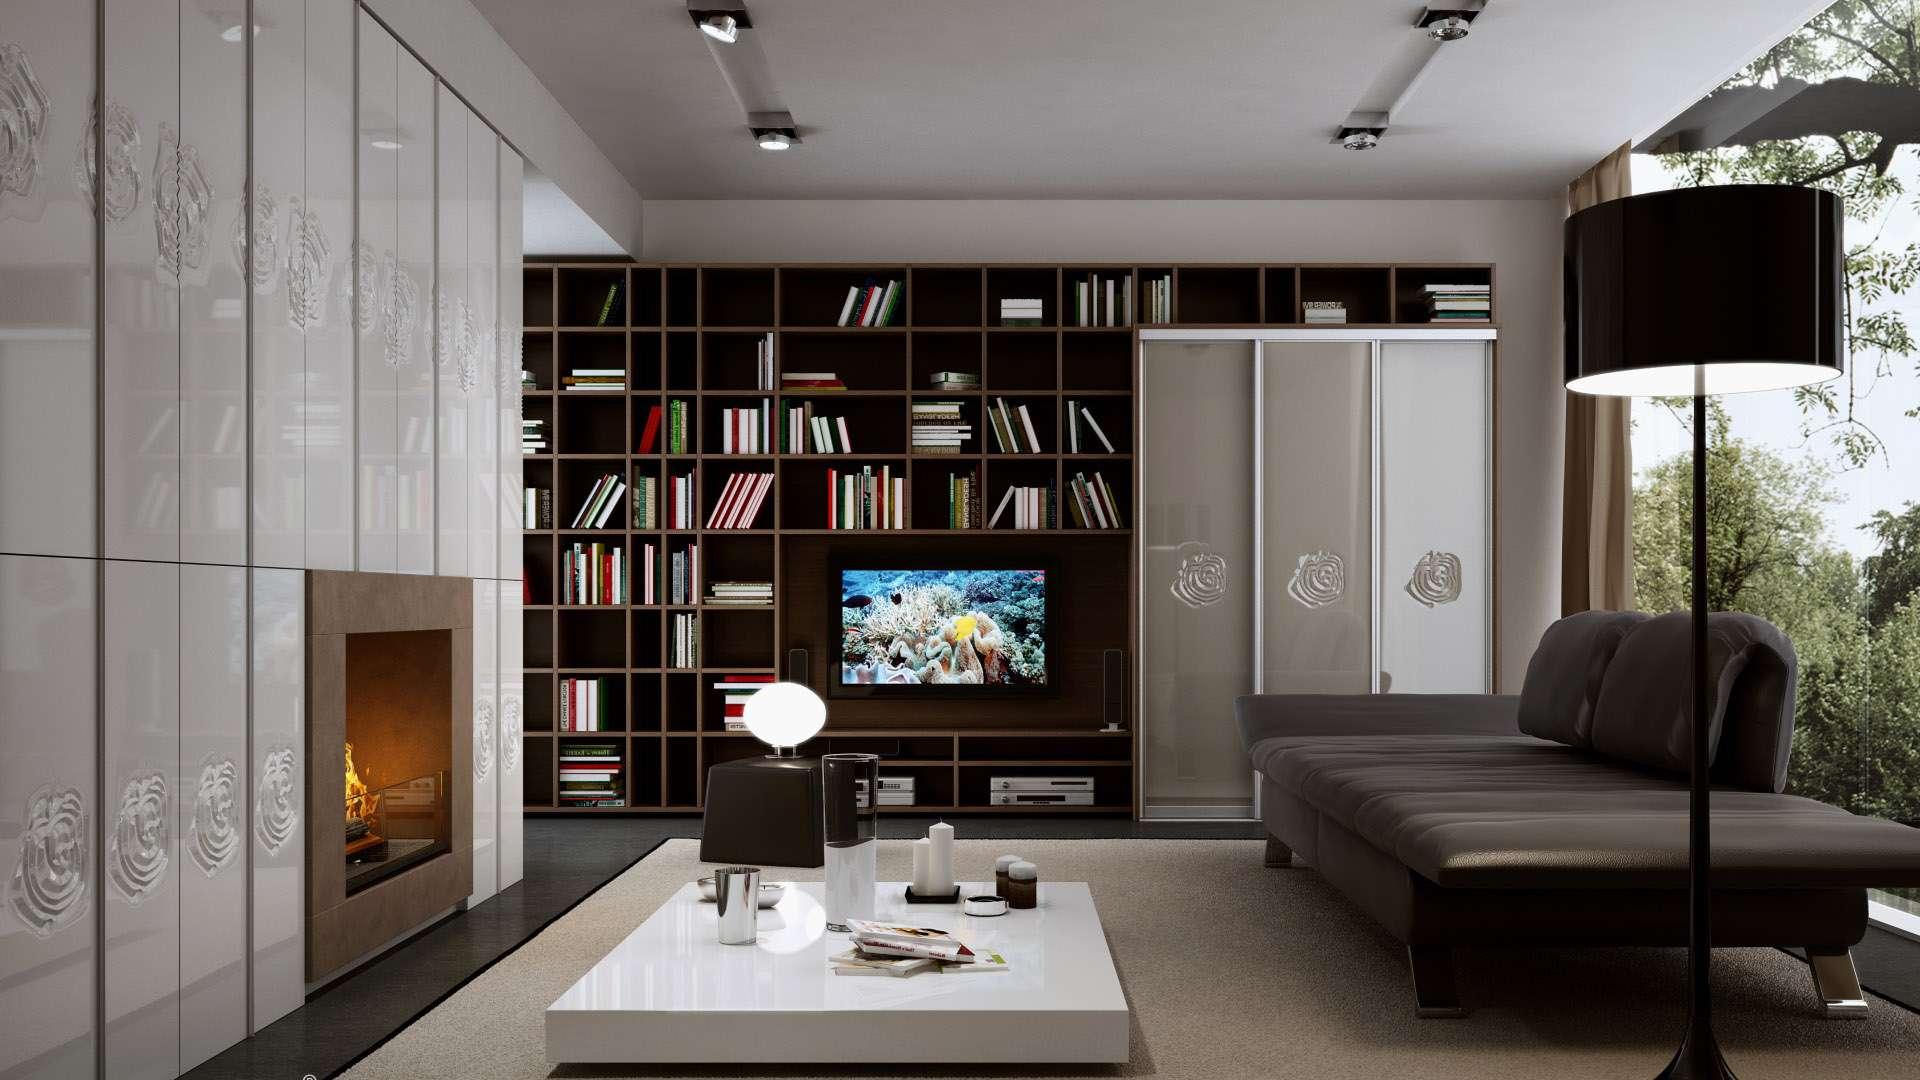 Tolóajtós beépített szekrény és nyitott könyvespolc rendszer a nappaliban